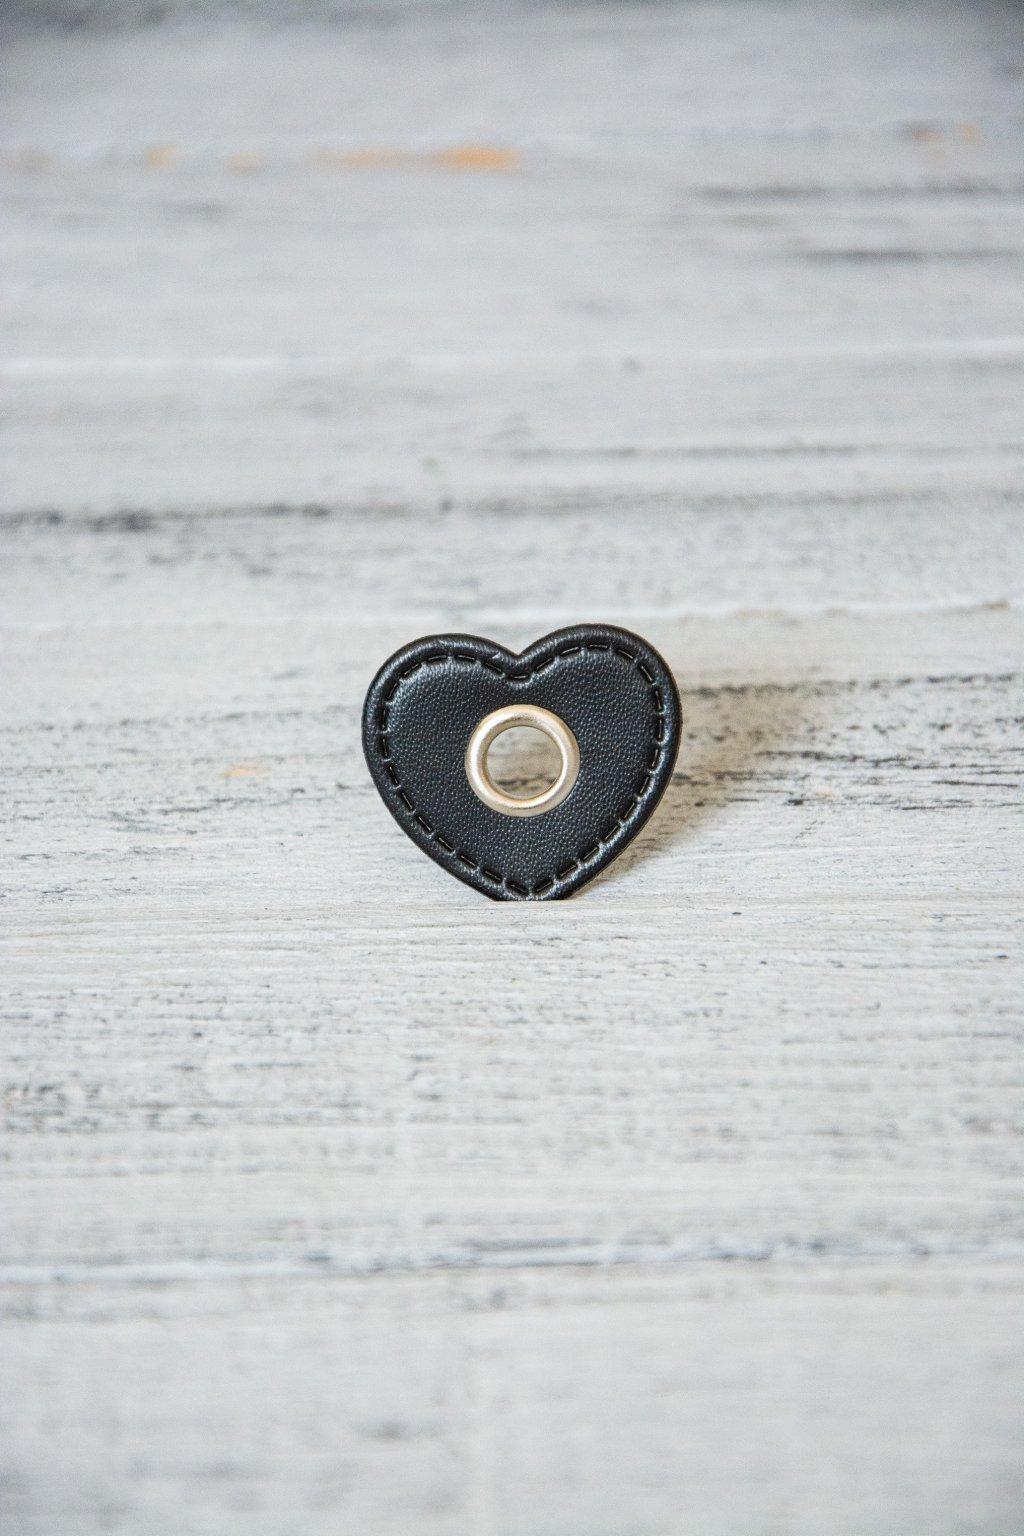 Srdce 3,5 x 3 cm, otvor vnitřní rozměr 8 mm